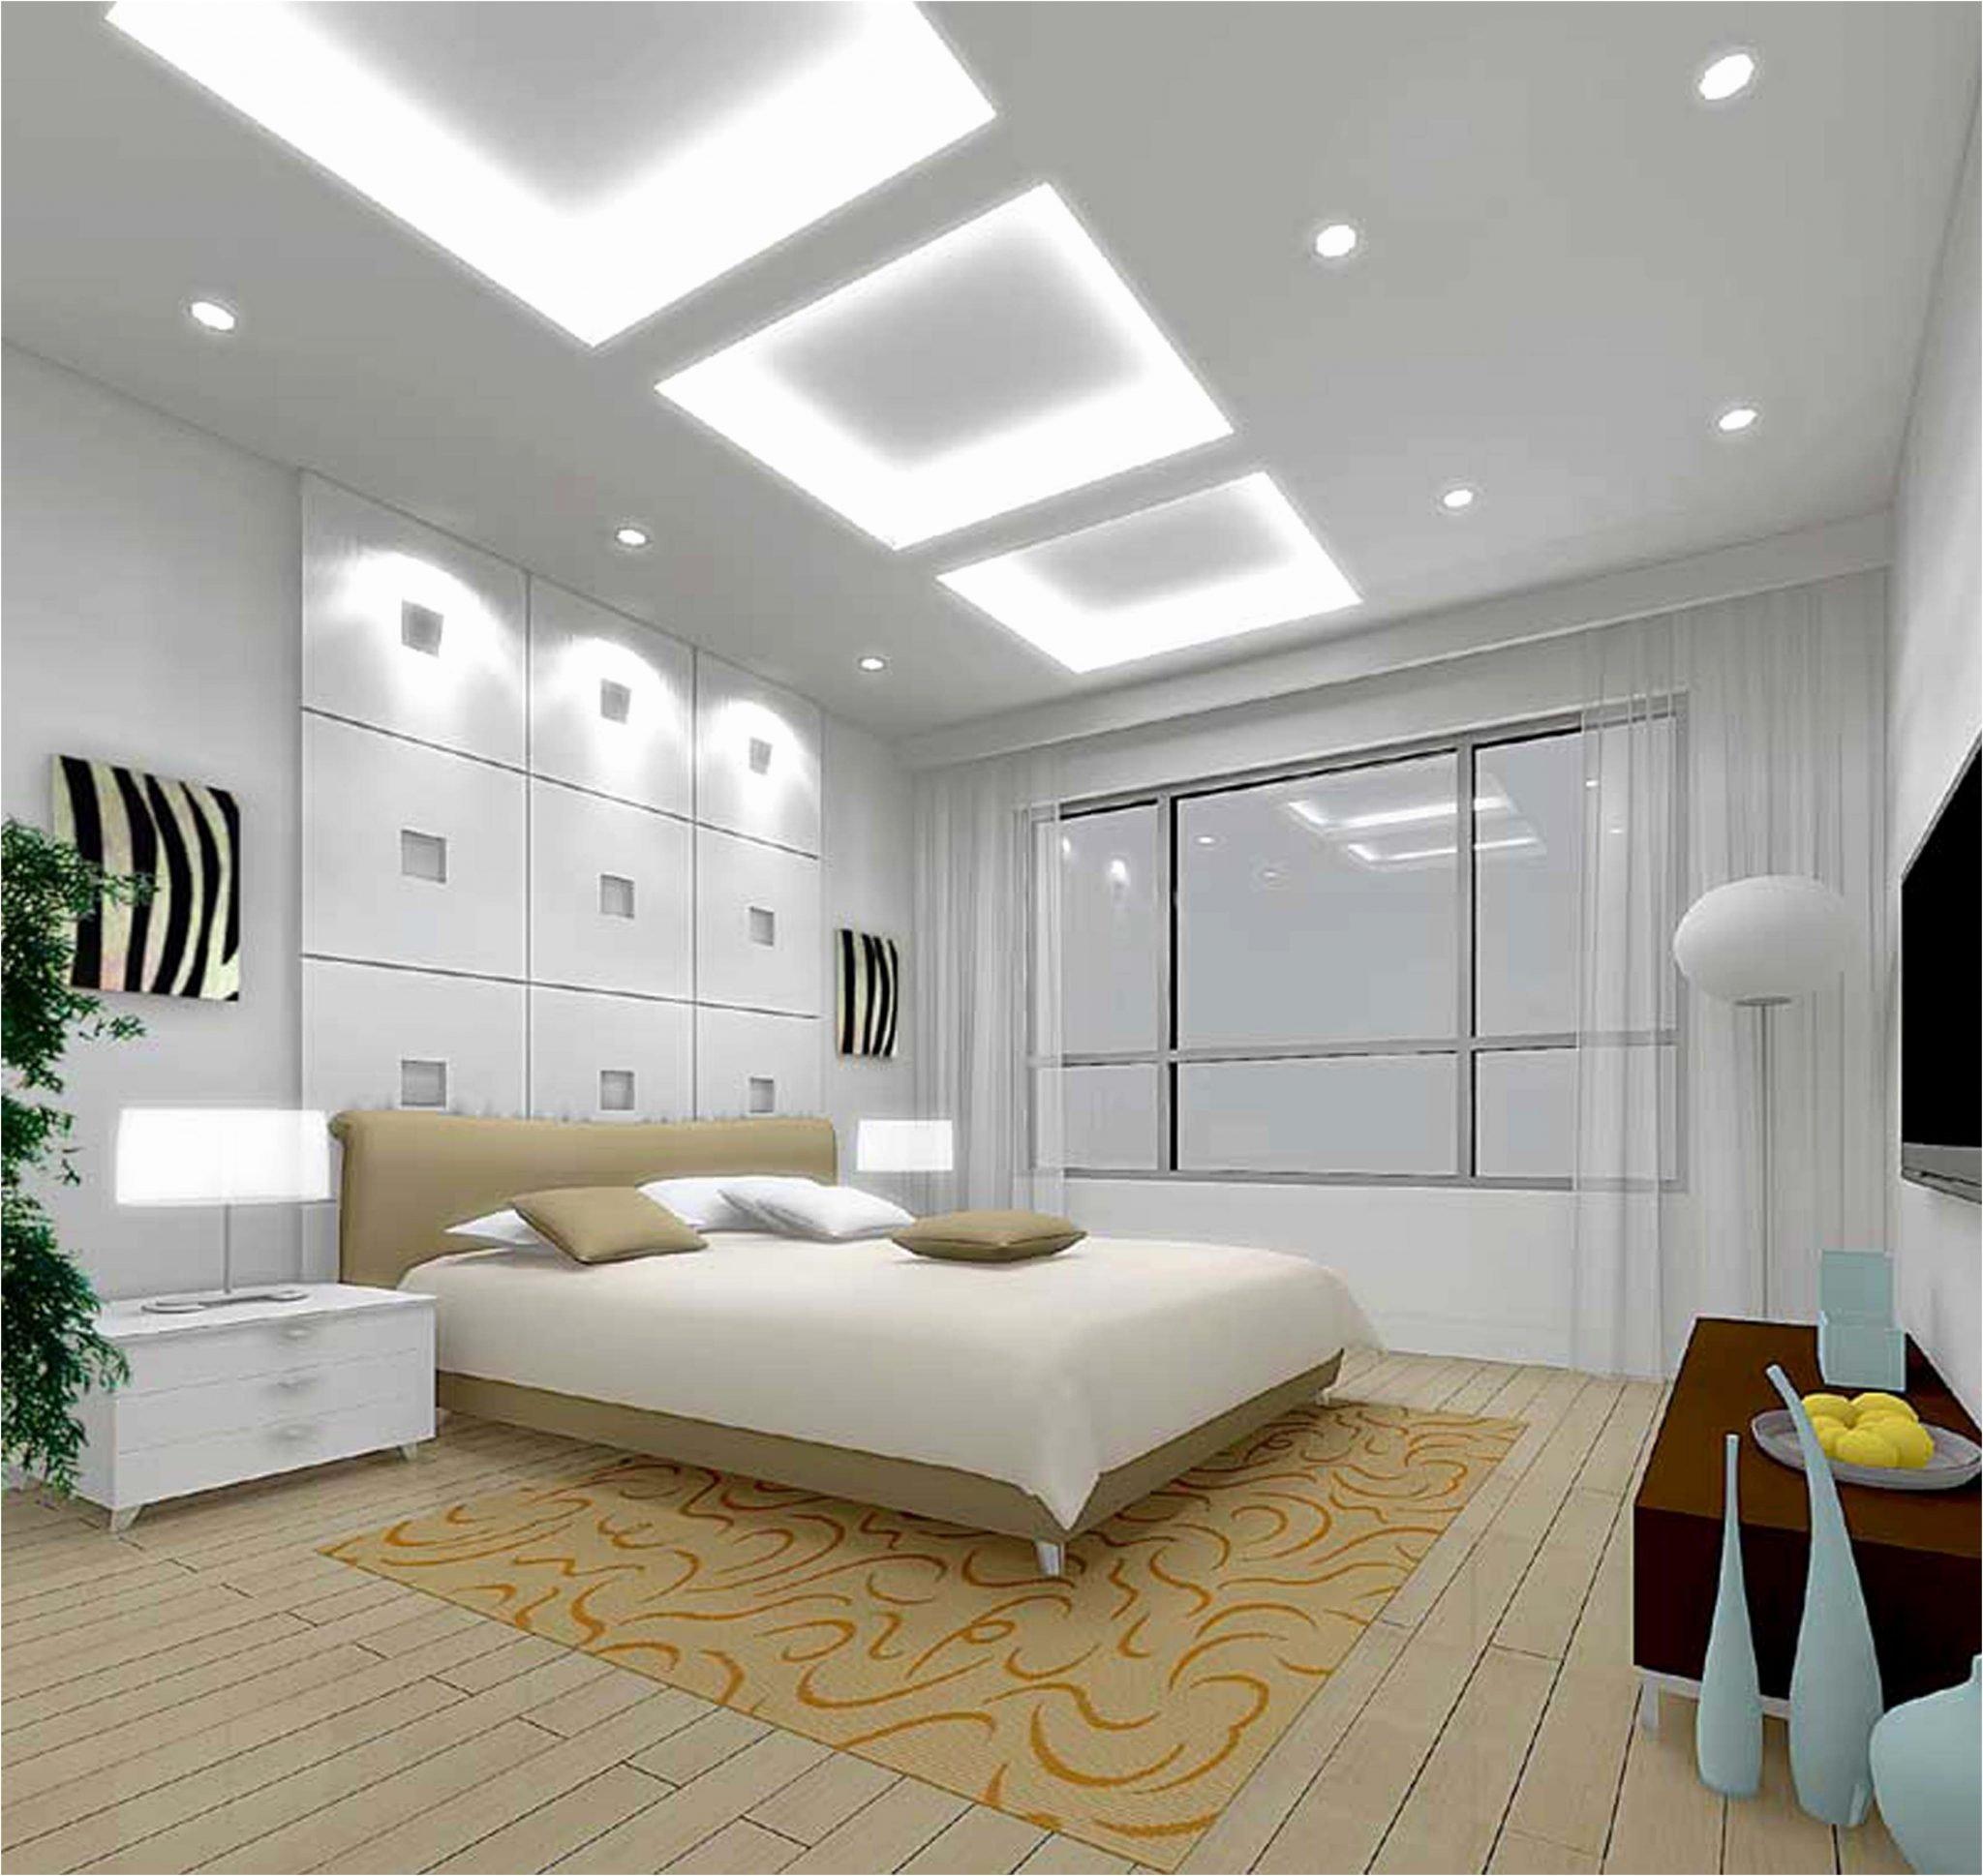 lighting for bedrooms ideas. جبس غرف نوم Lighting For Bedrooms Ideas